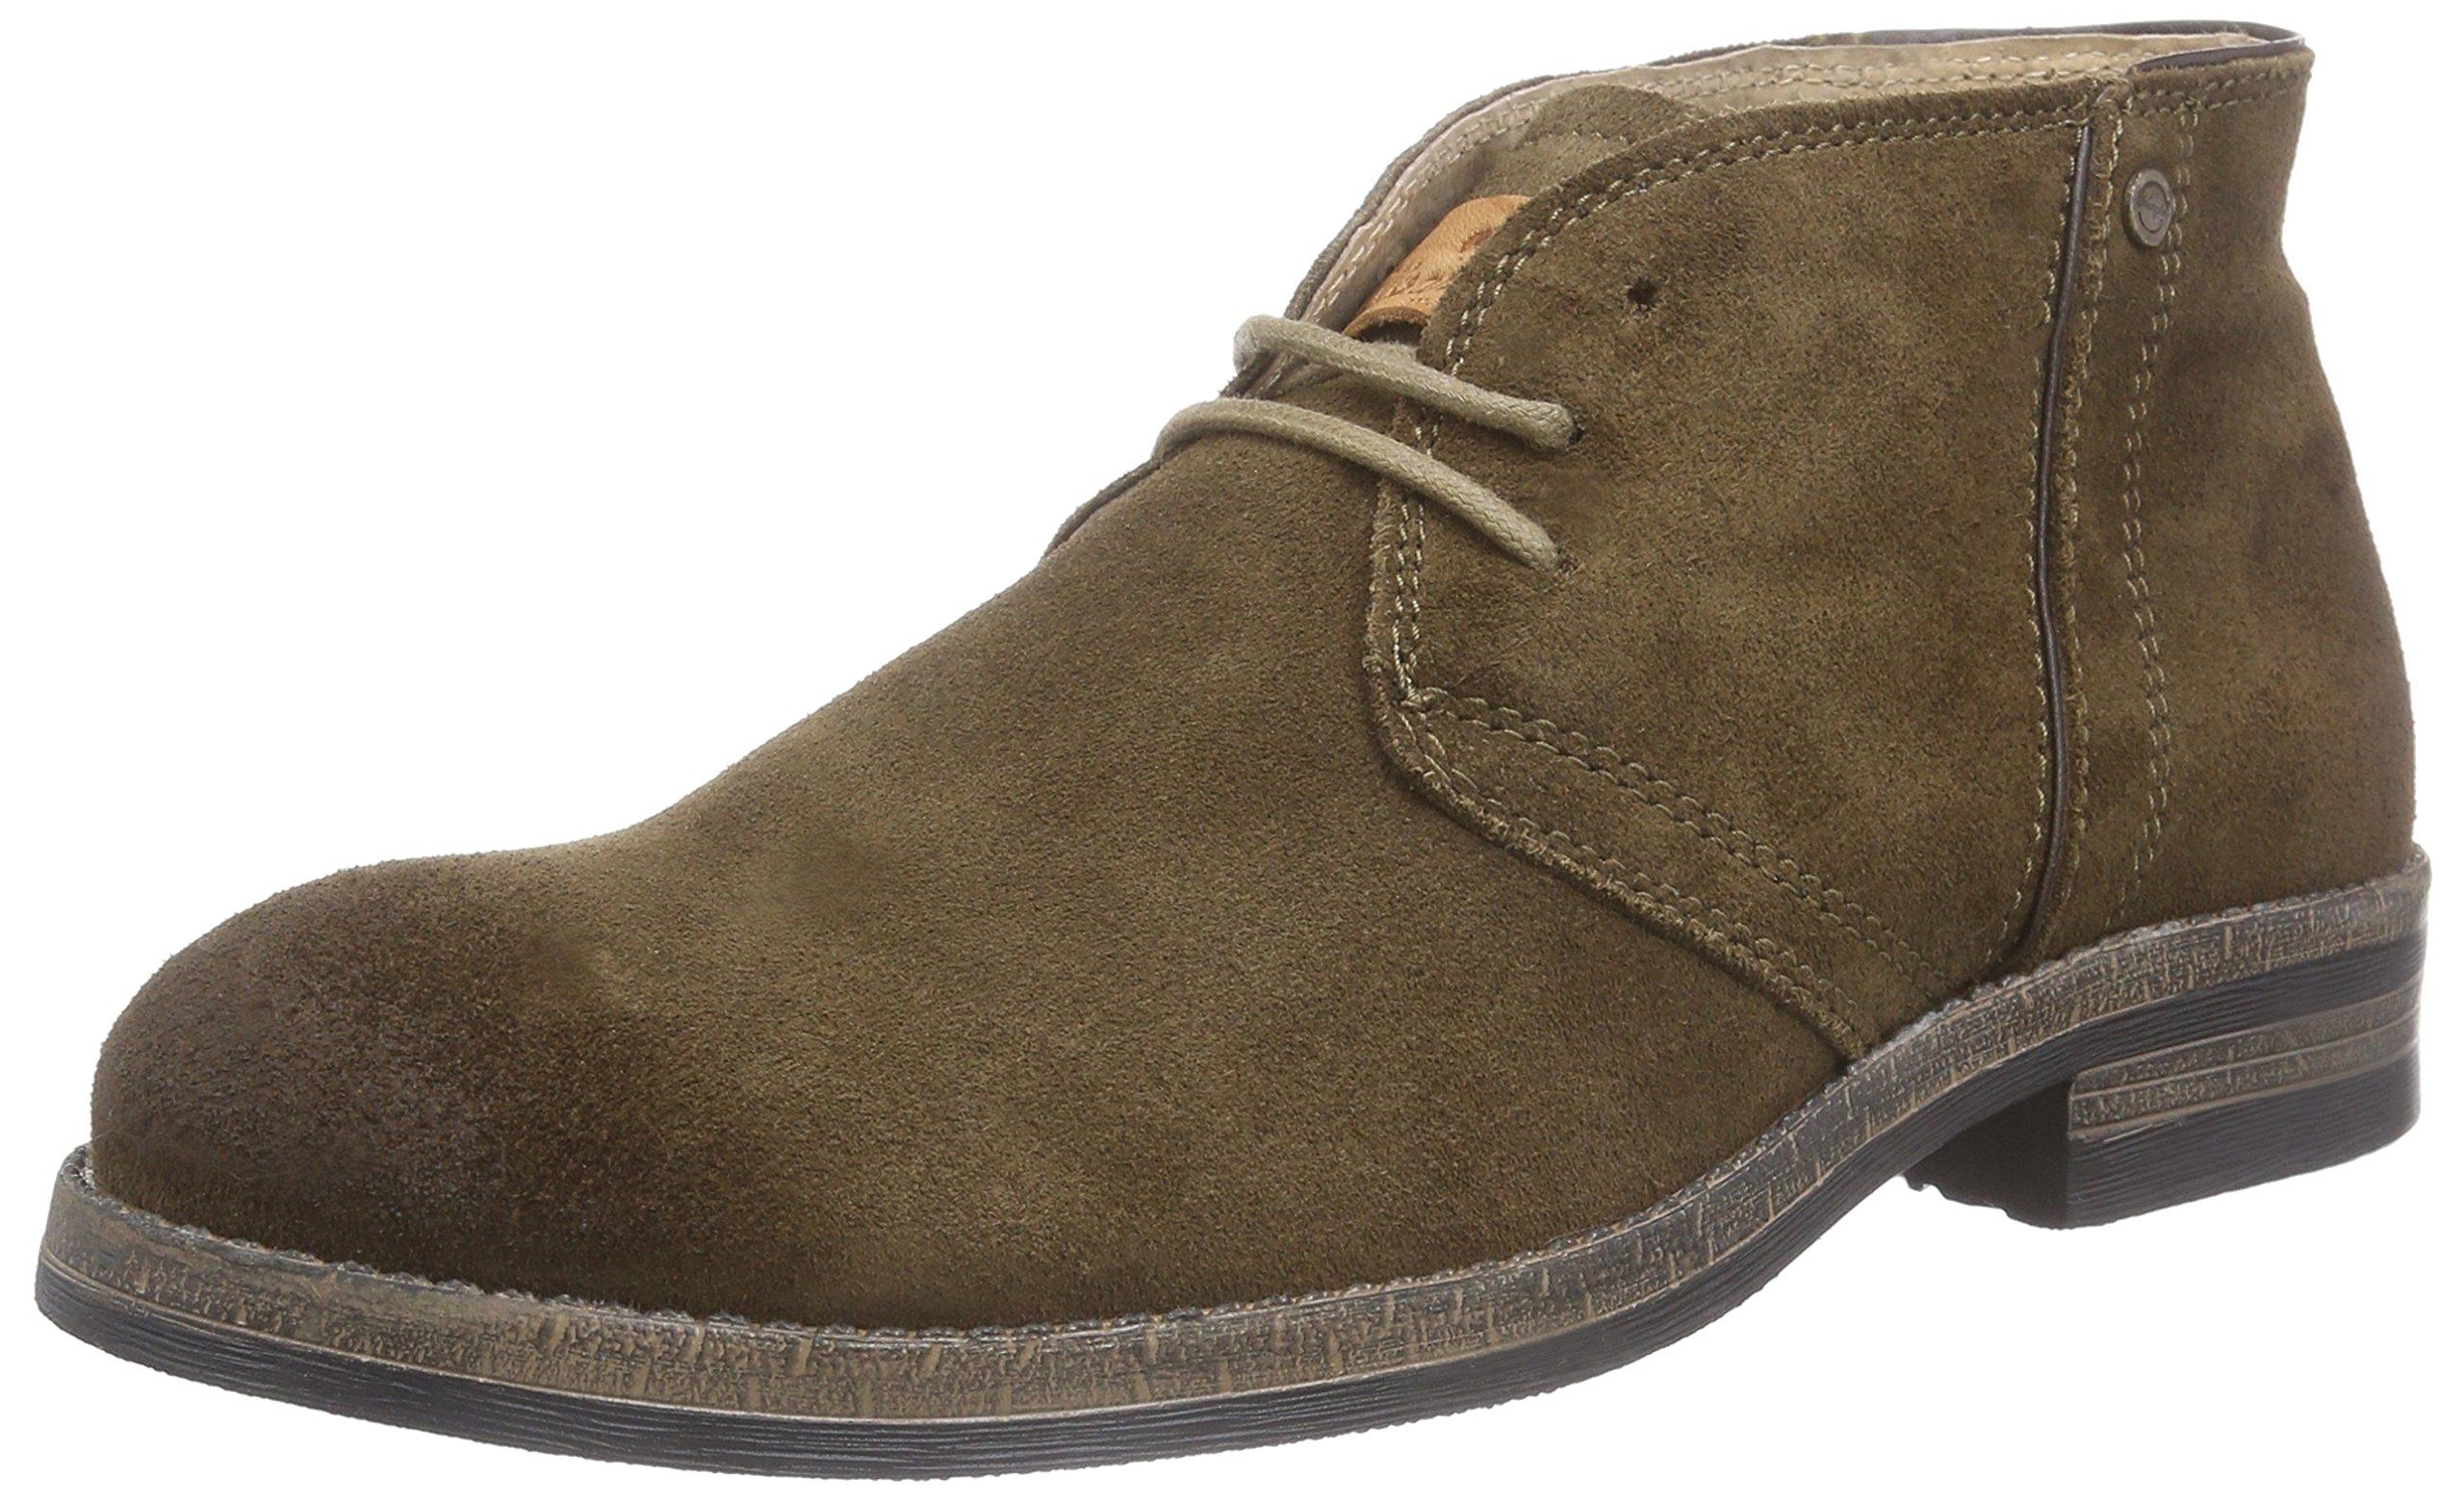 Boots Wrangler DesertDesert Eu HommeBeige29 Stone Taupe40 N0nwm8